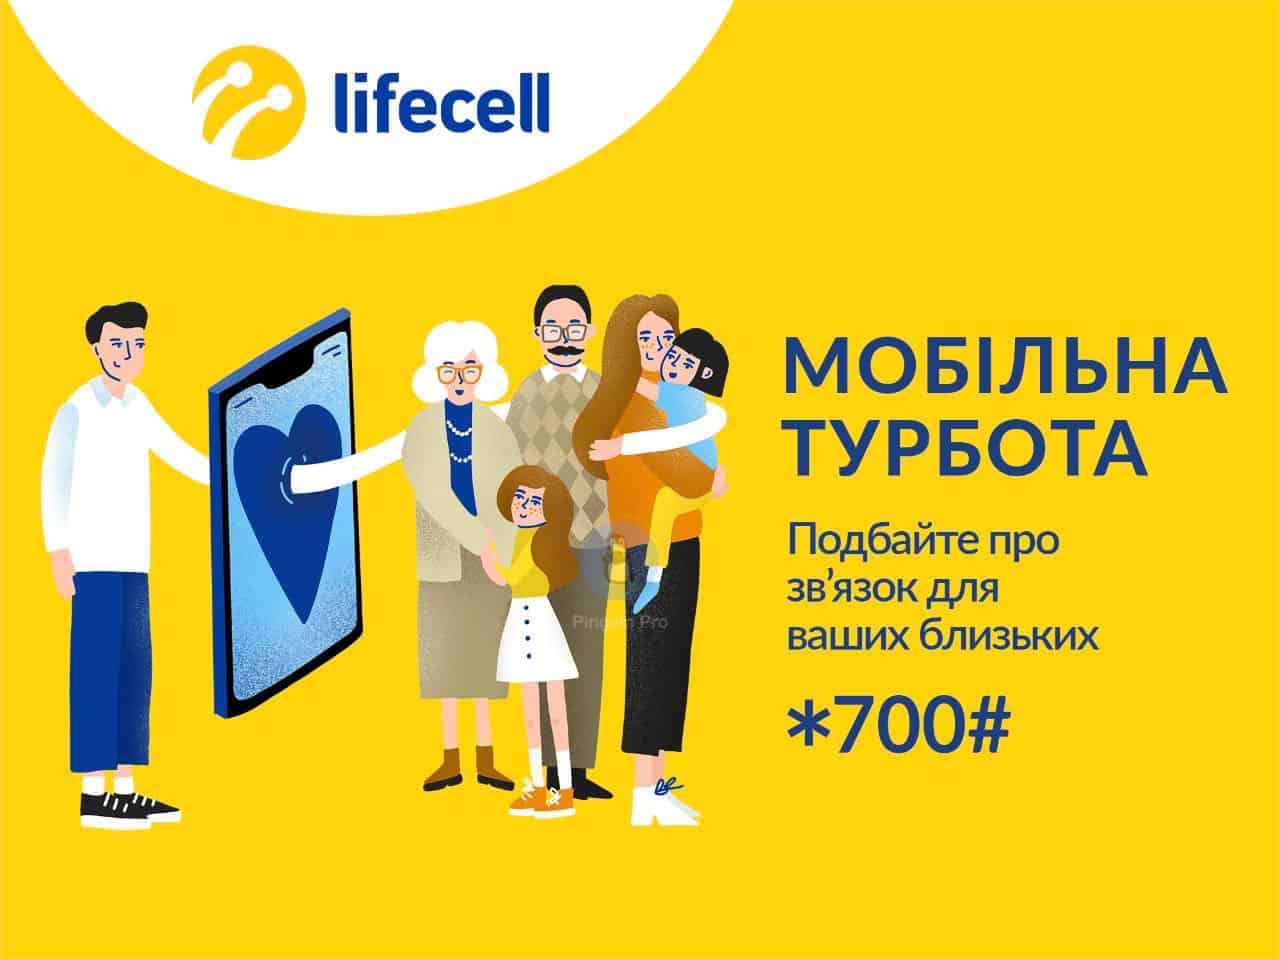 Оператор lifecell запустив послугу «Мобільна турбота»